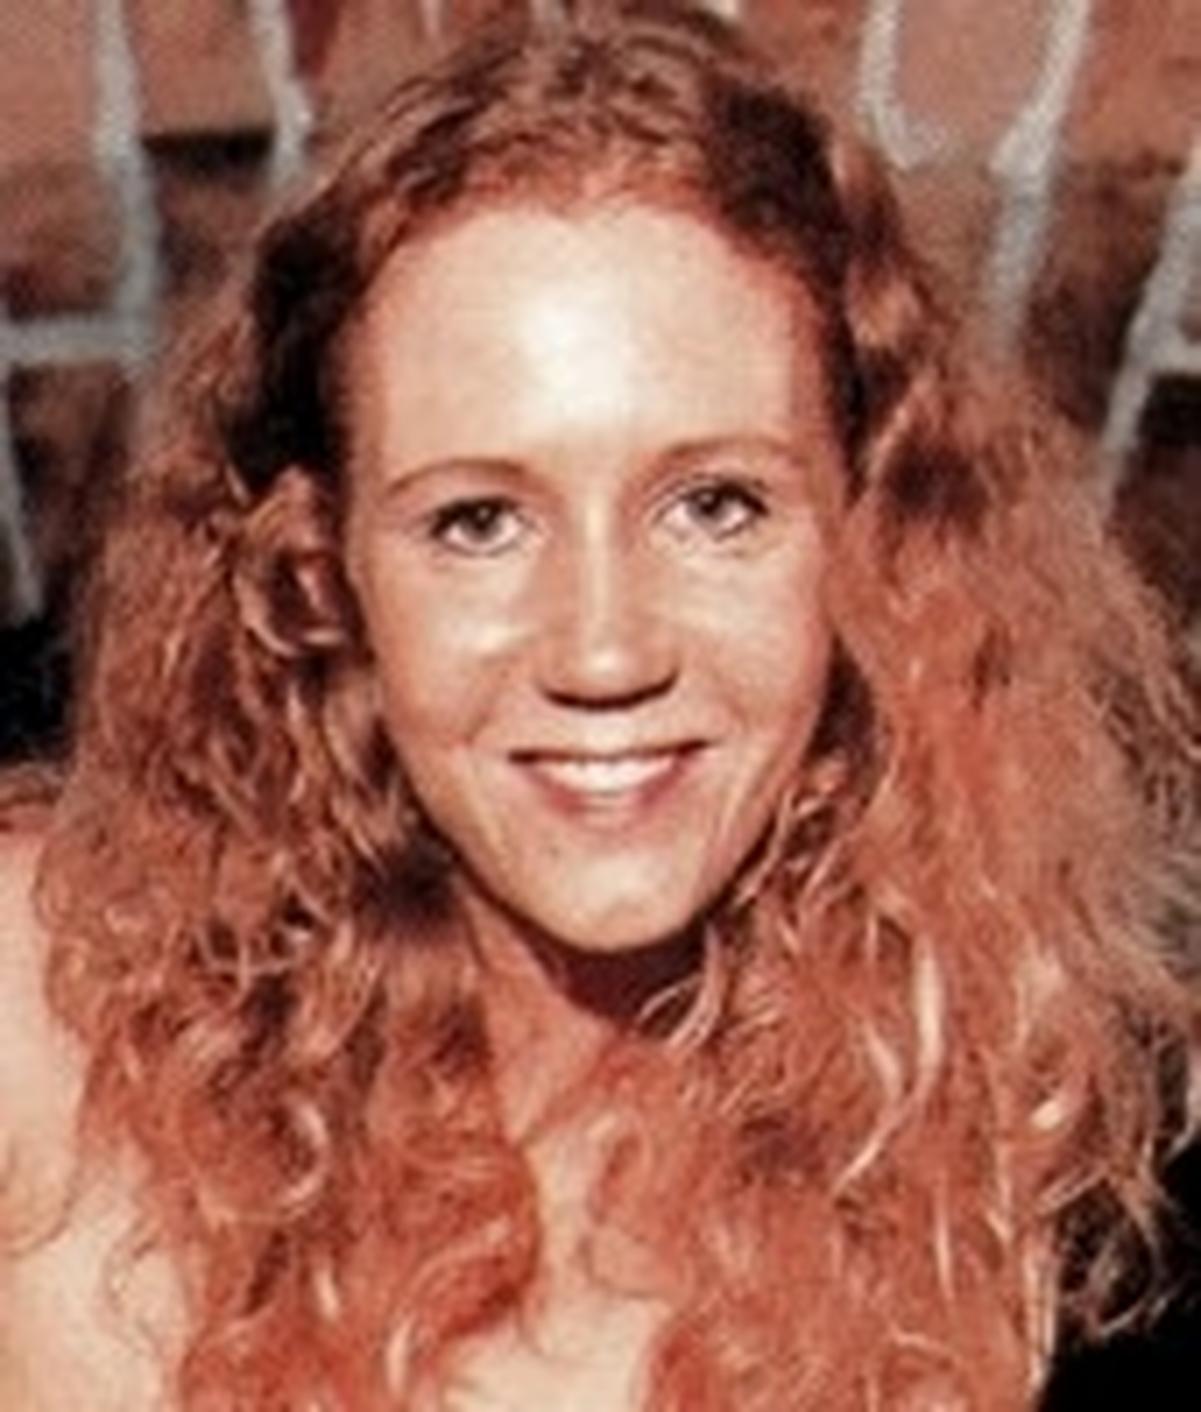 Jessica Strom